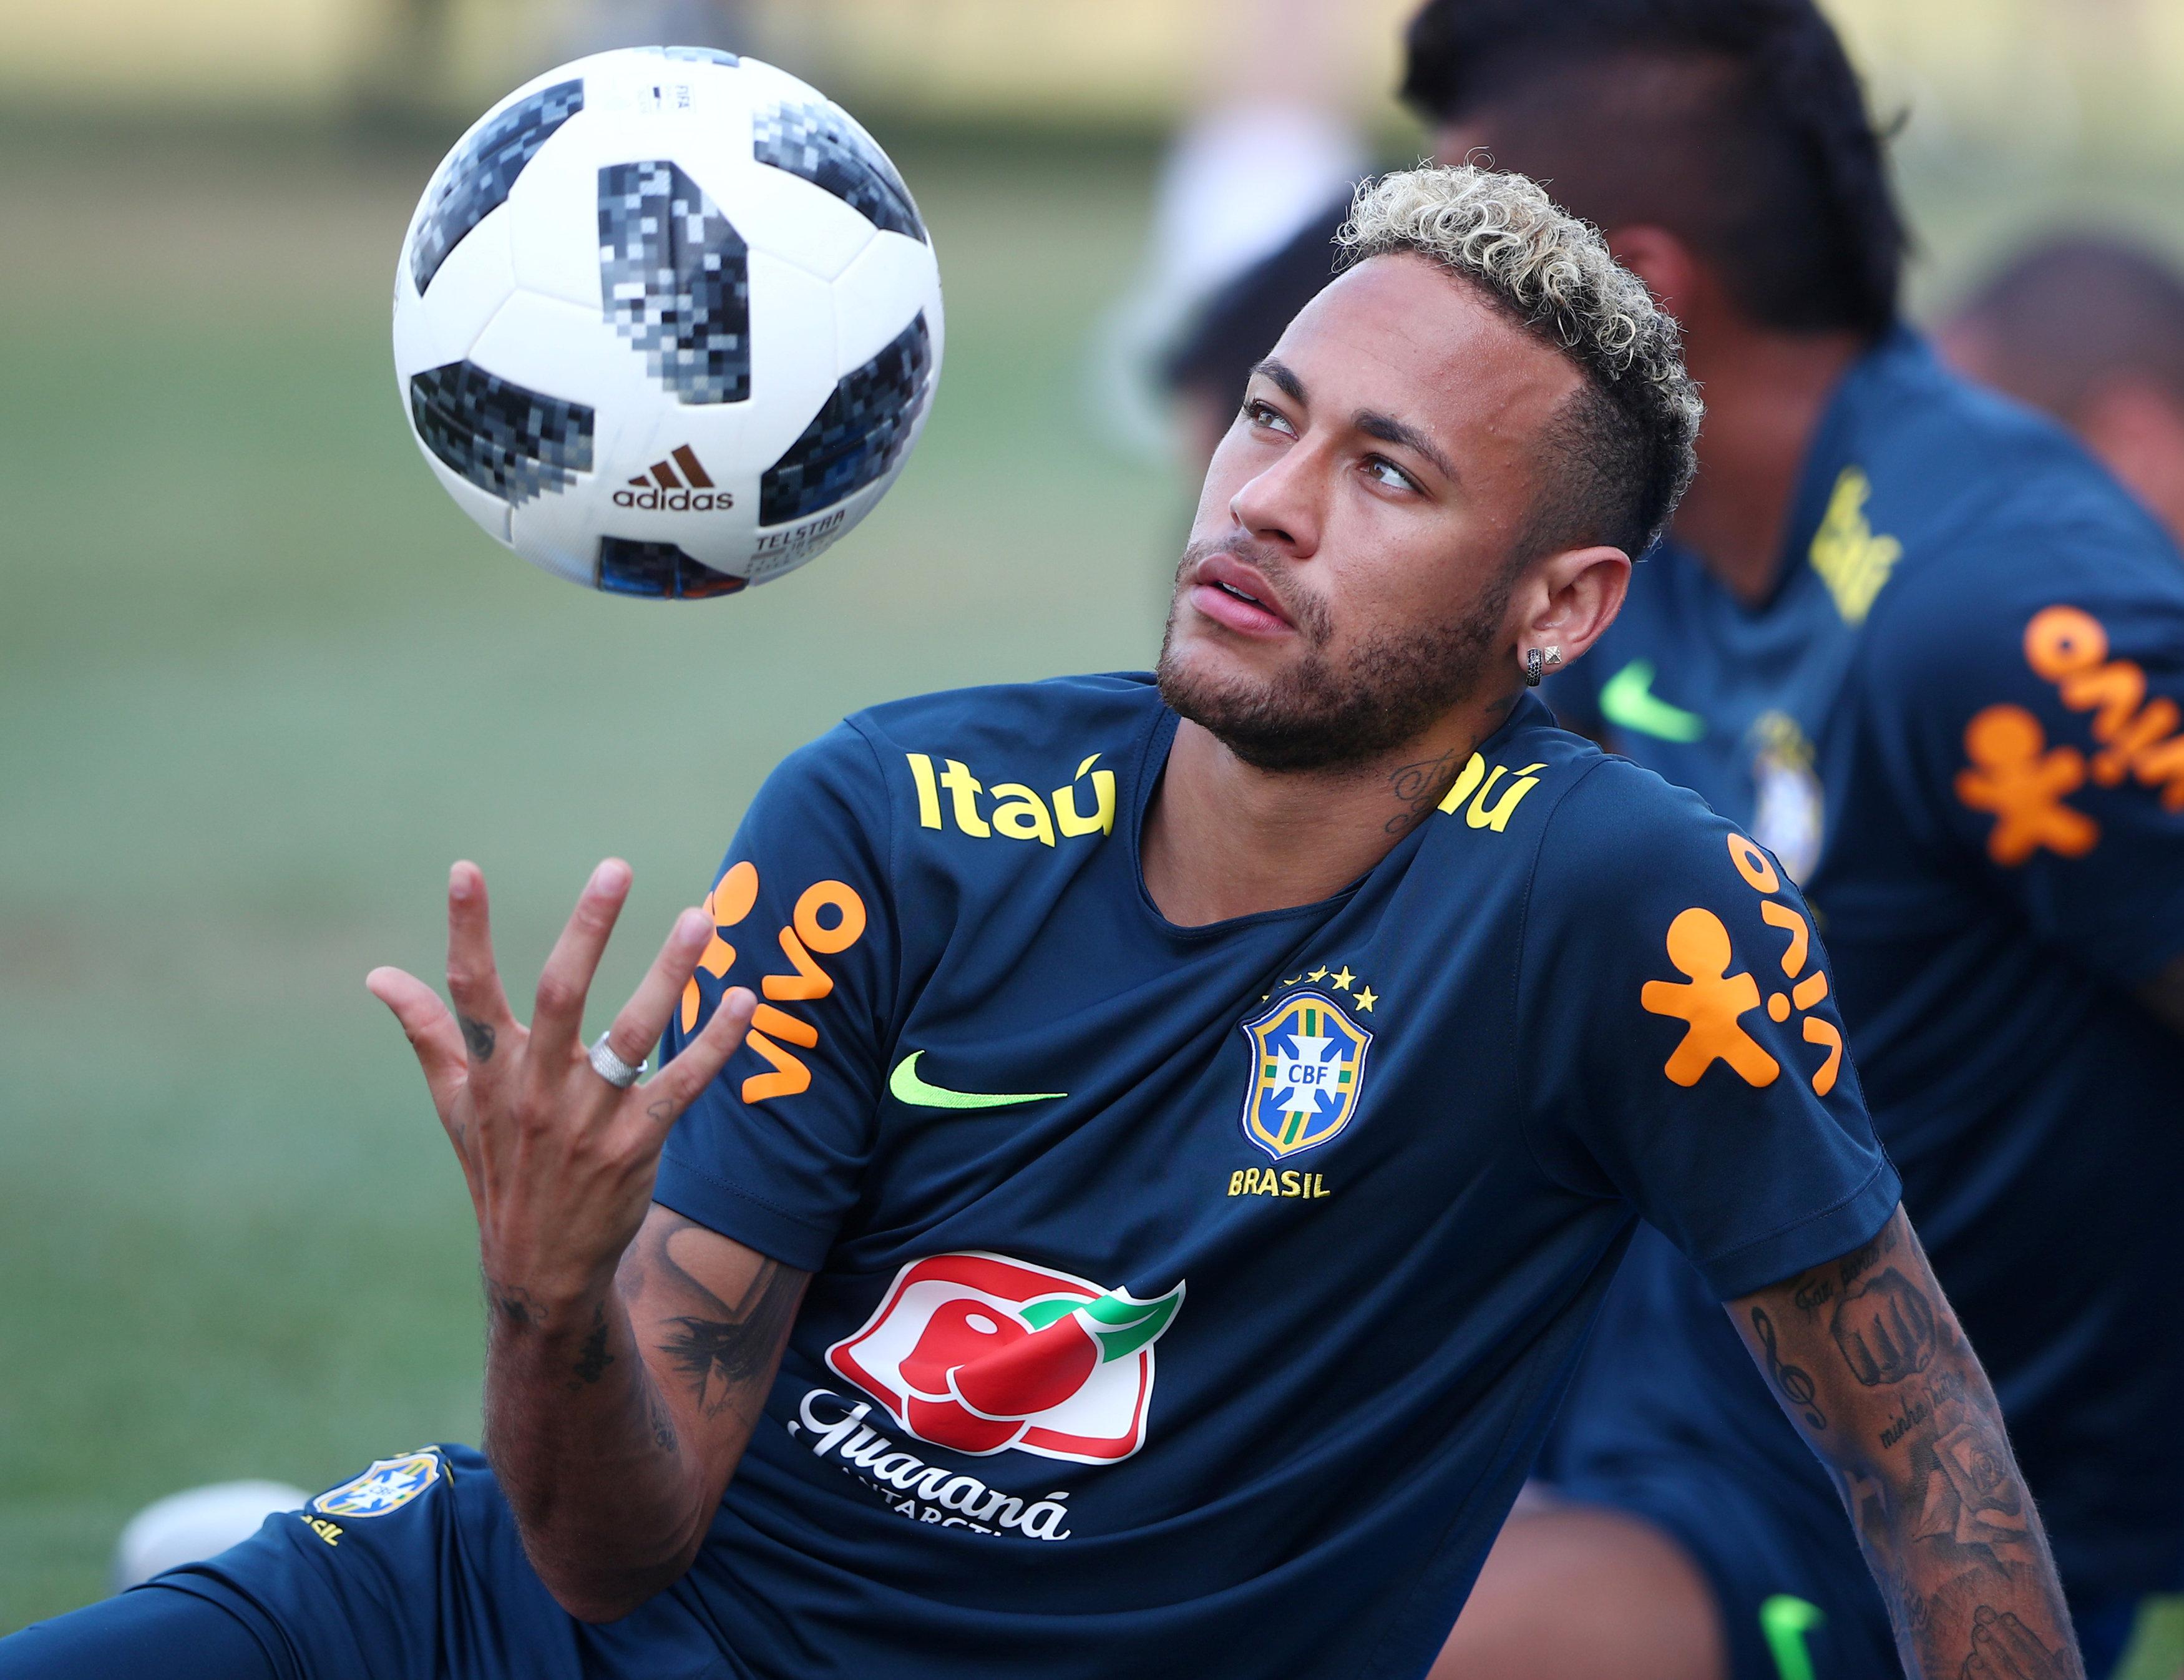 نيمار البرازيل مونديال روسيا 2018